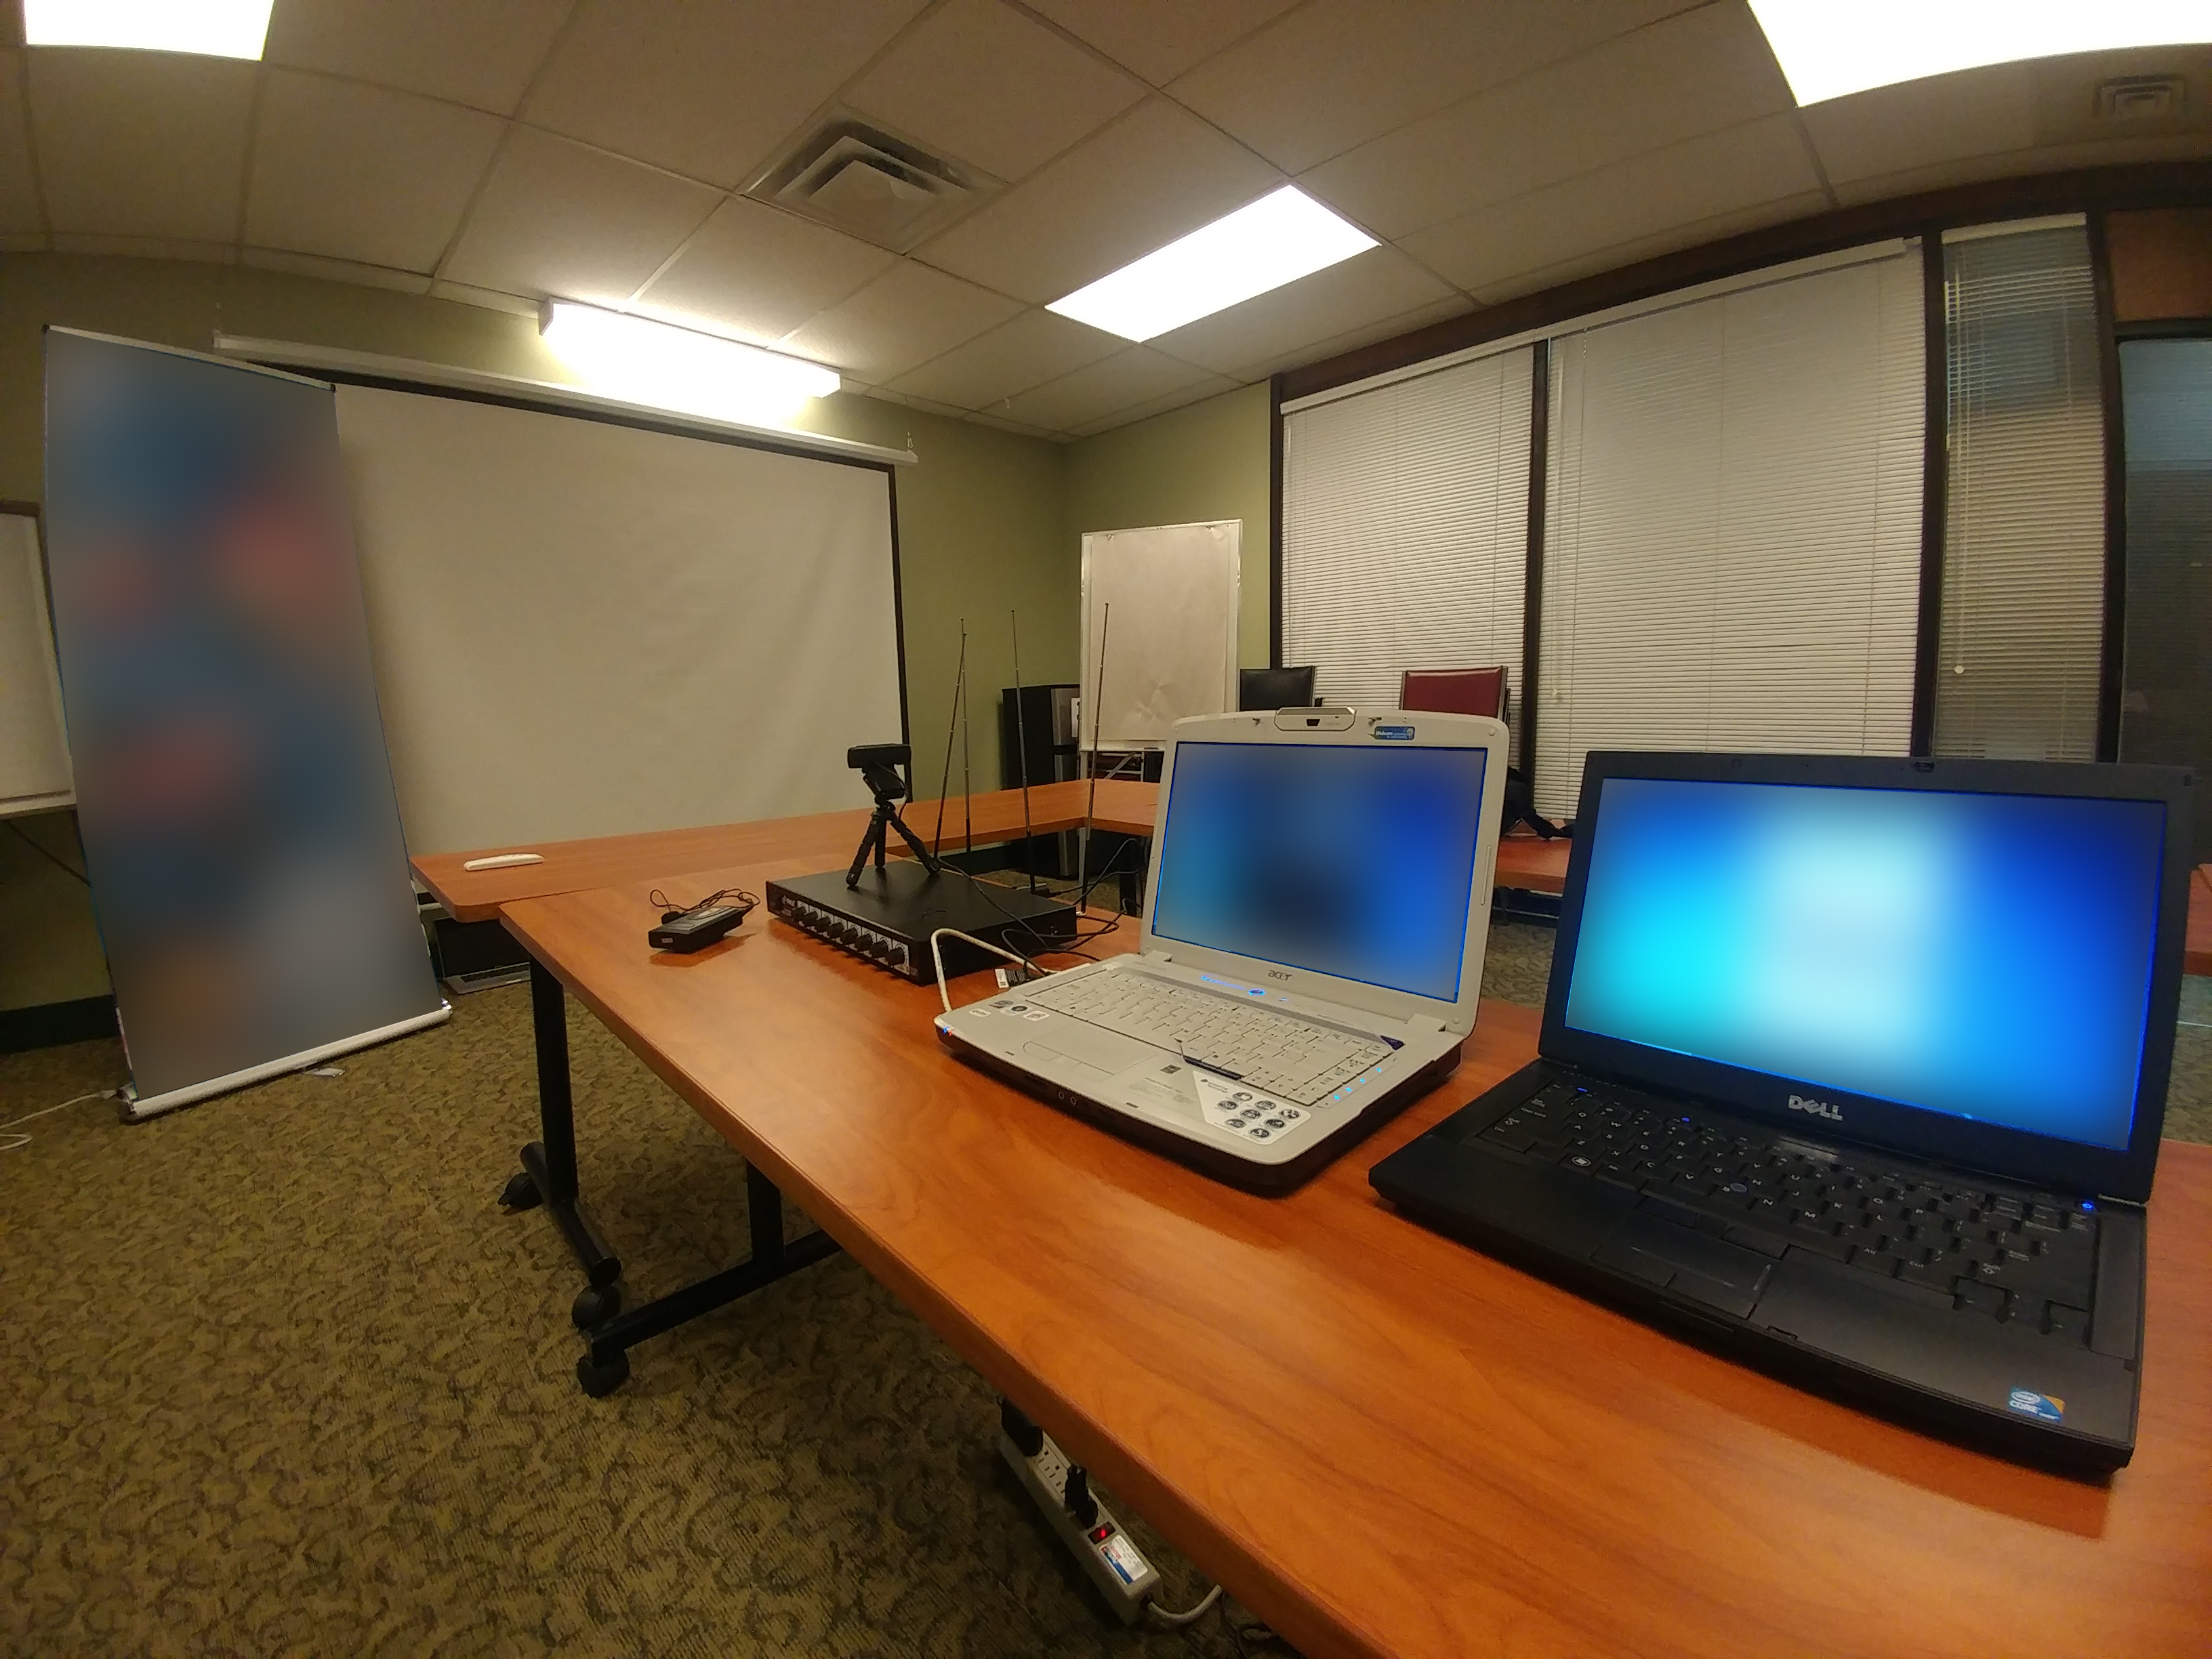 webinar setup for a client